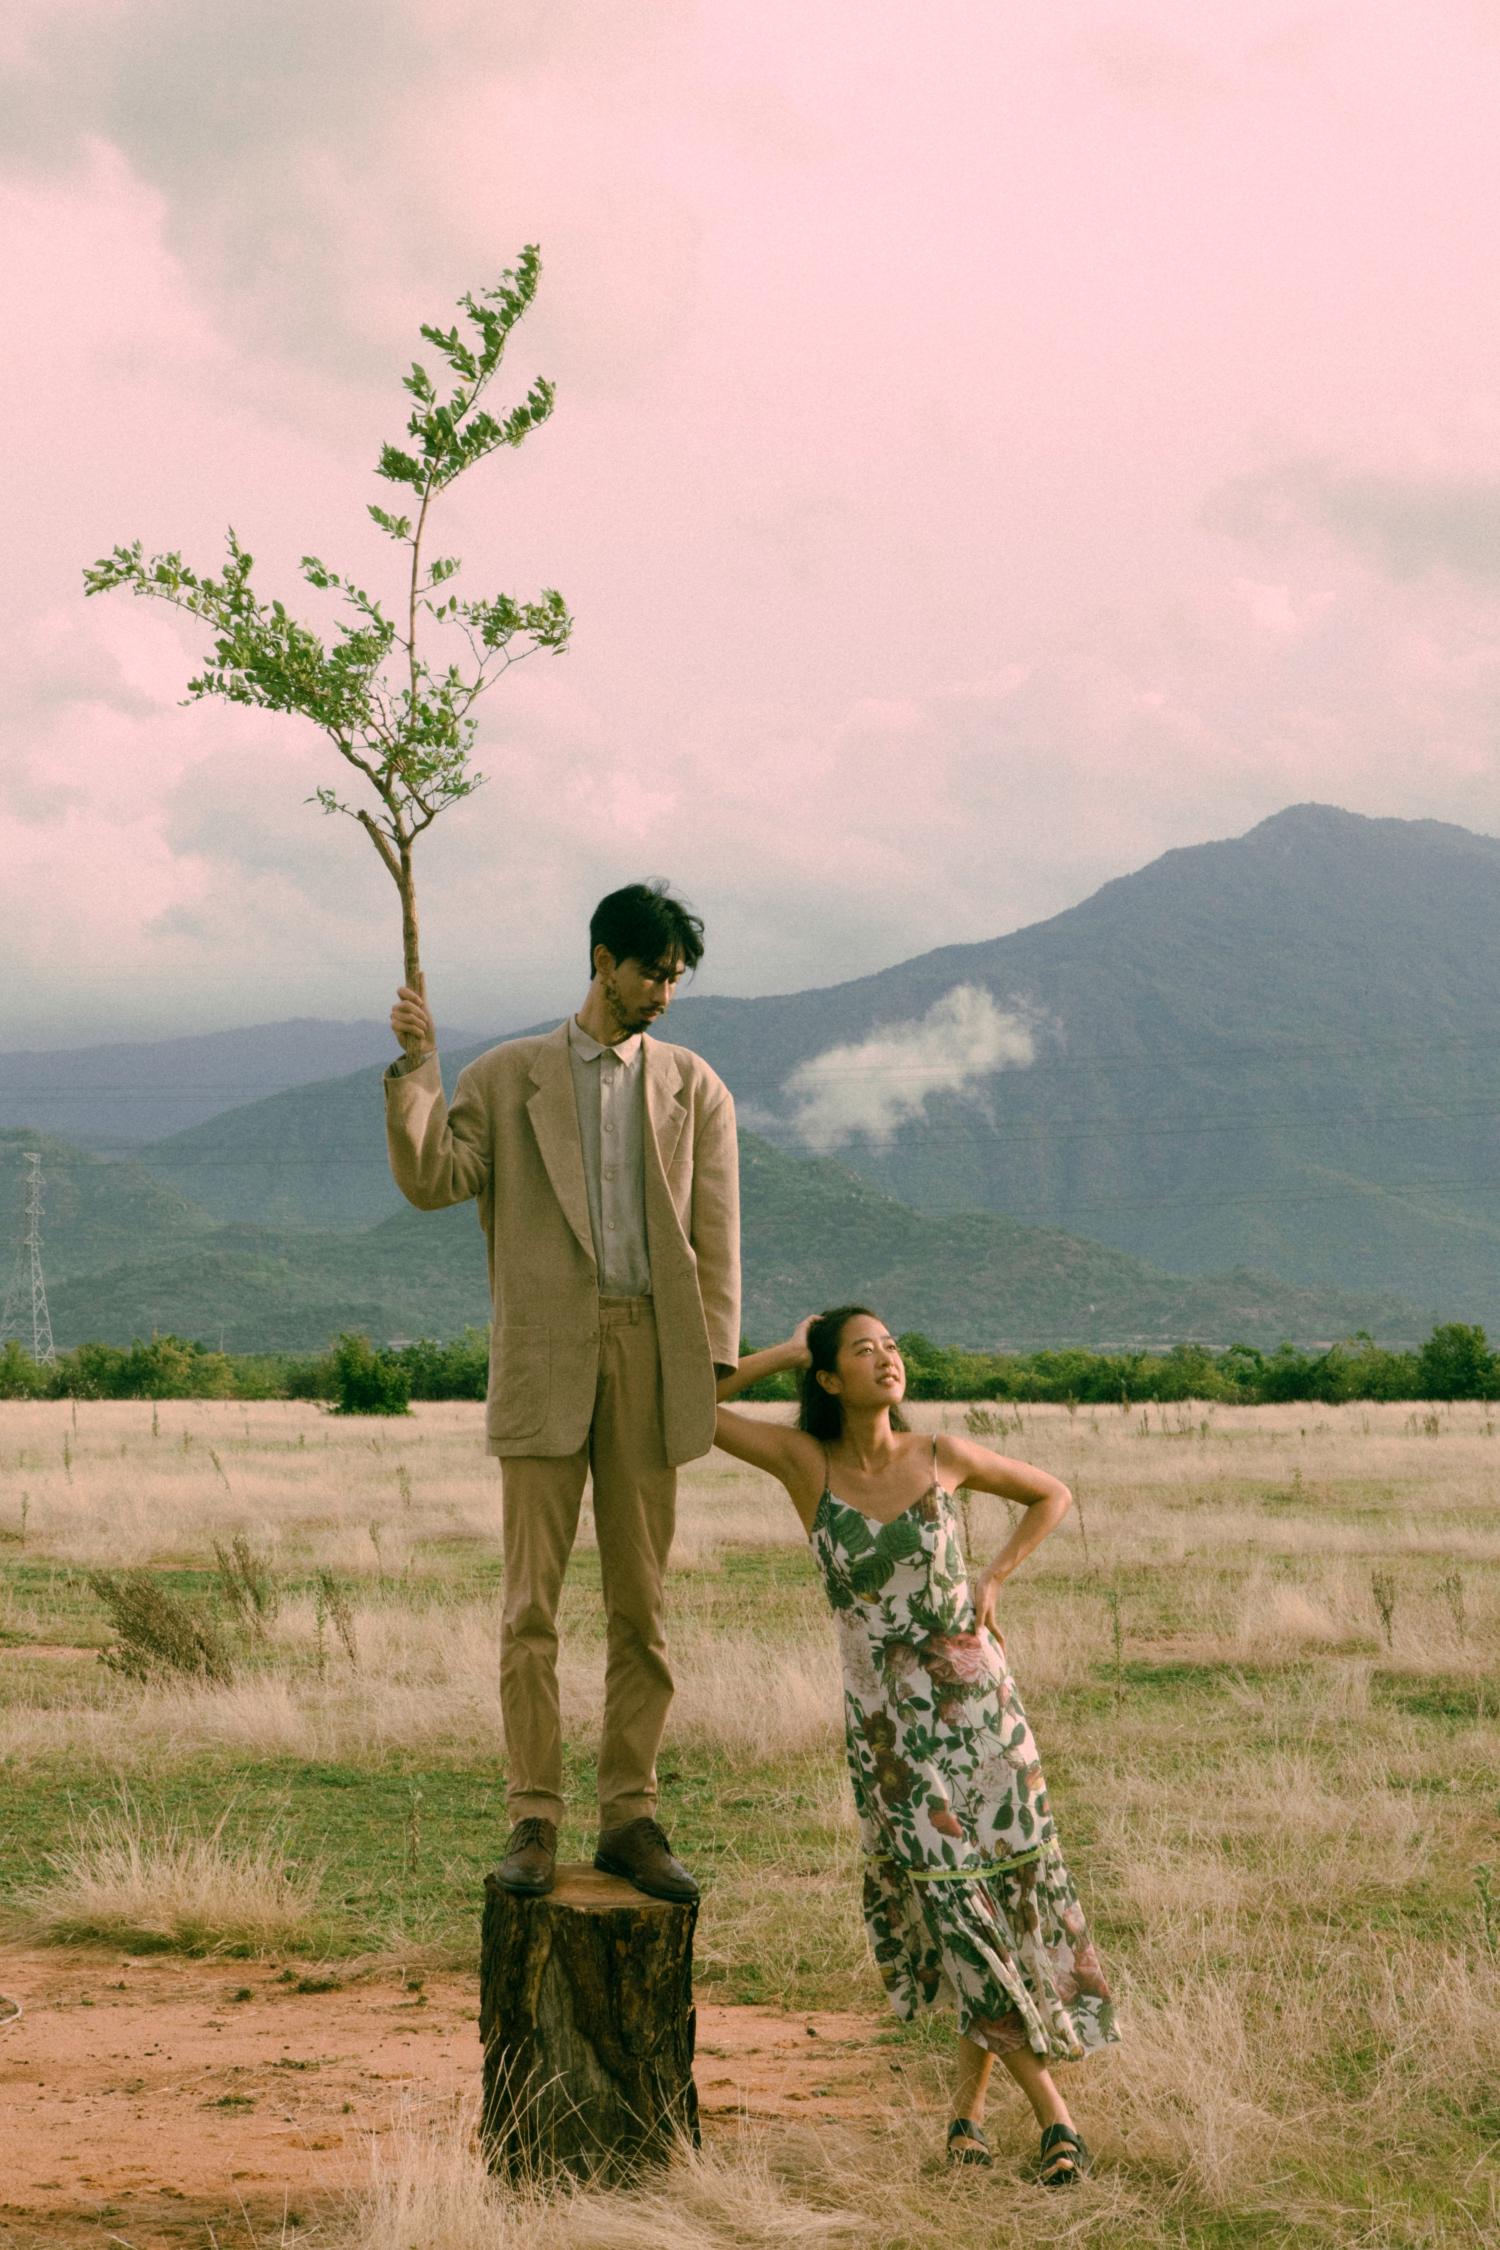 Đen Vâu vào vai một thân cây, kể dòng thời gian trưởng thành đầy cảm xúc của đời người trong MV Trốn Tìm